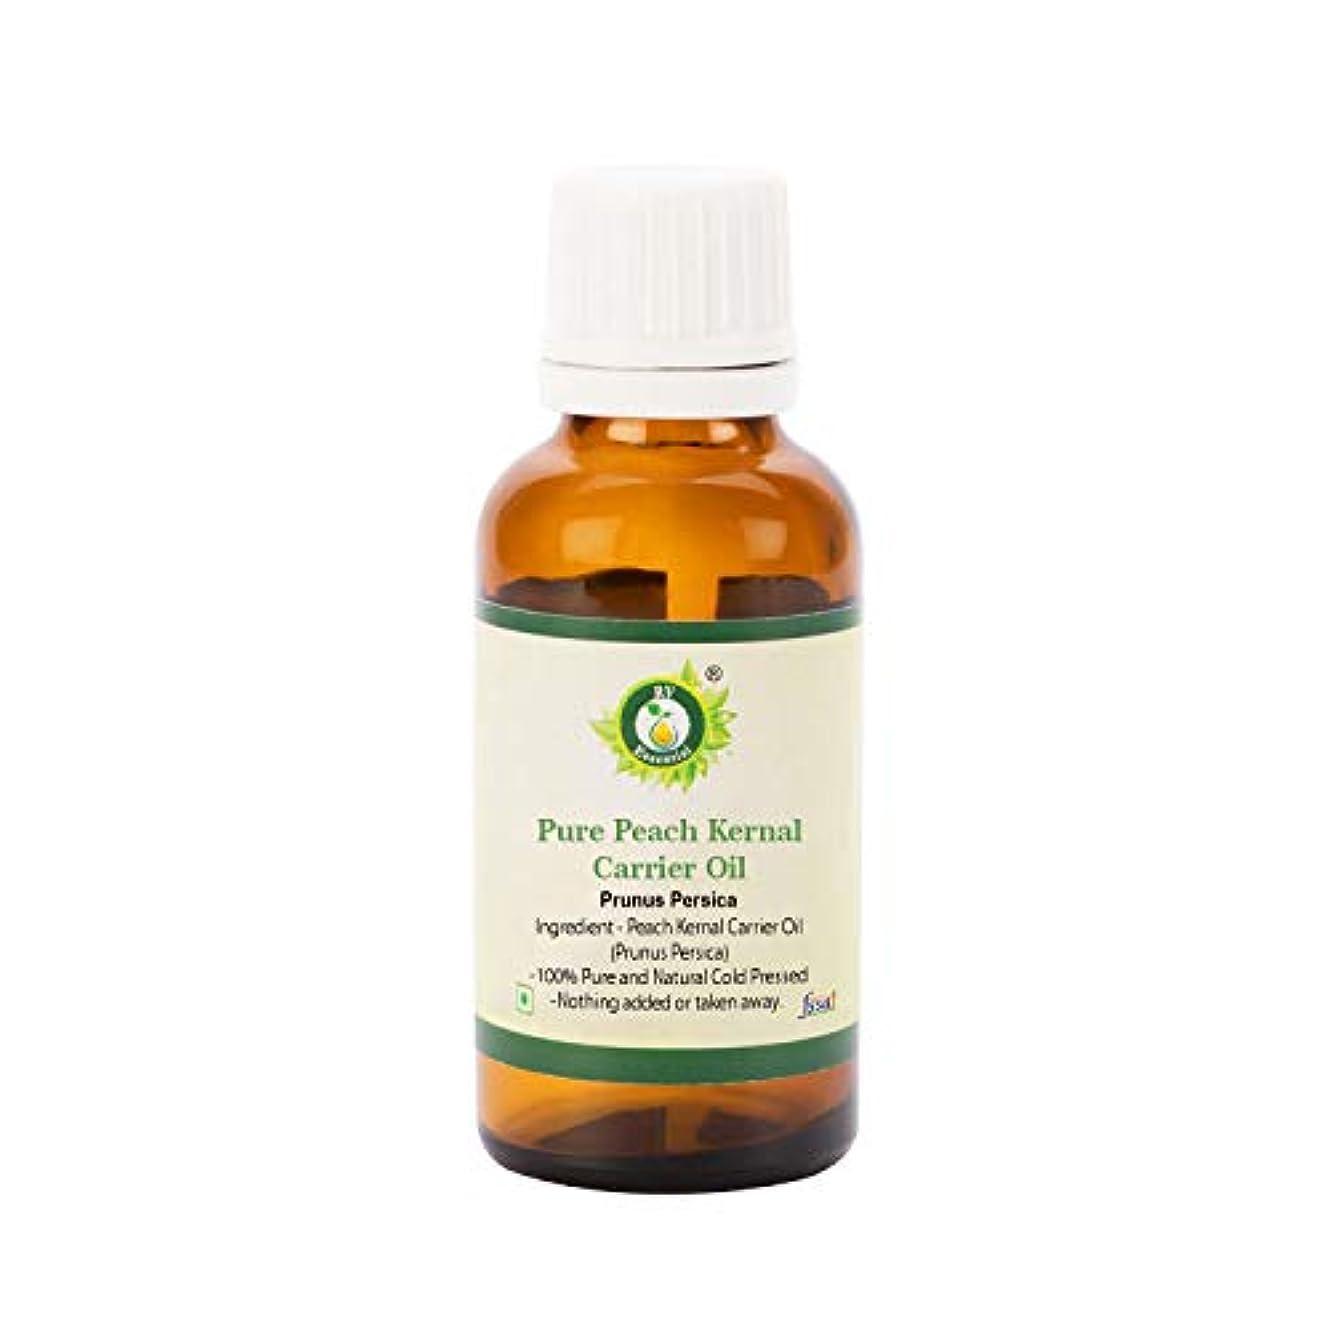 素晴らしいです義務的消すR V Essential ピュアピーチ Kernalキャリアオイル30ml (1.01oz)- Prunus Persica (100%ピュア&ナチュラルコールドPressed) Pure Peach Kernal Carrier...